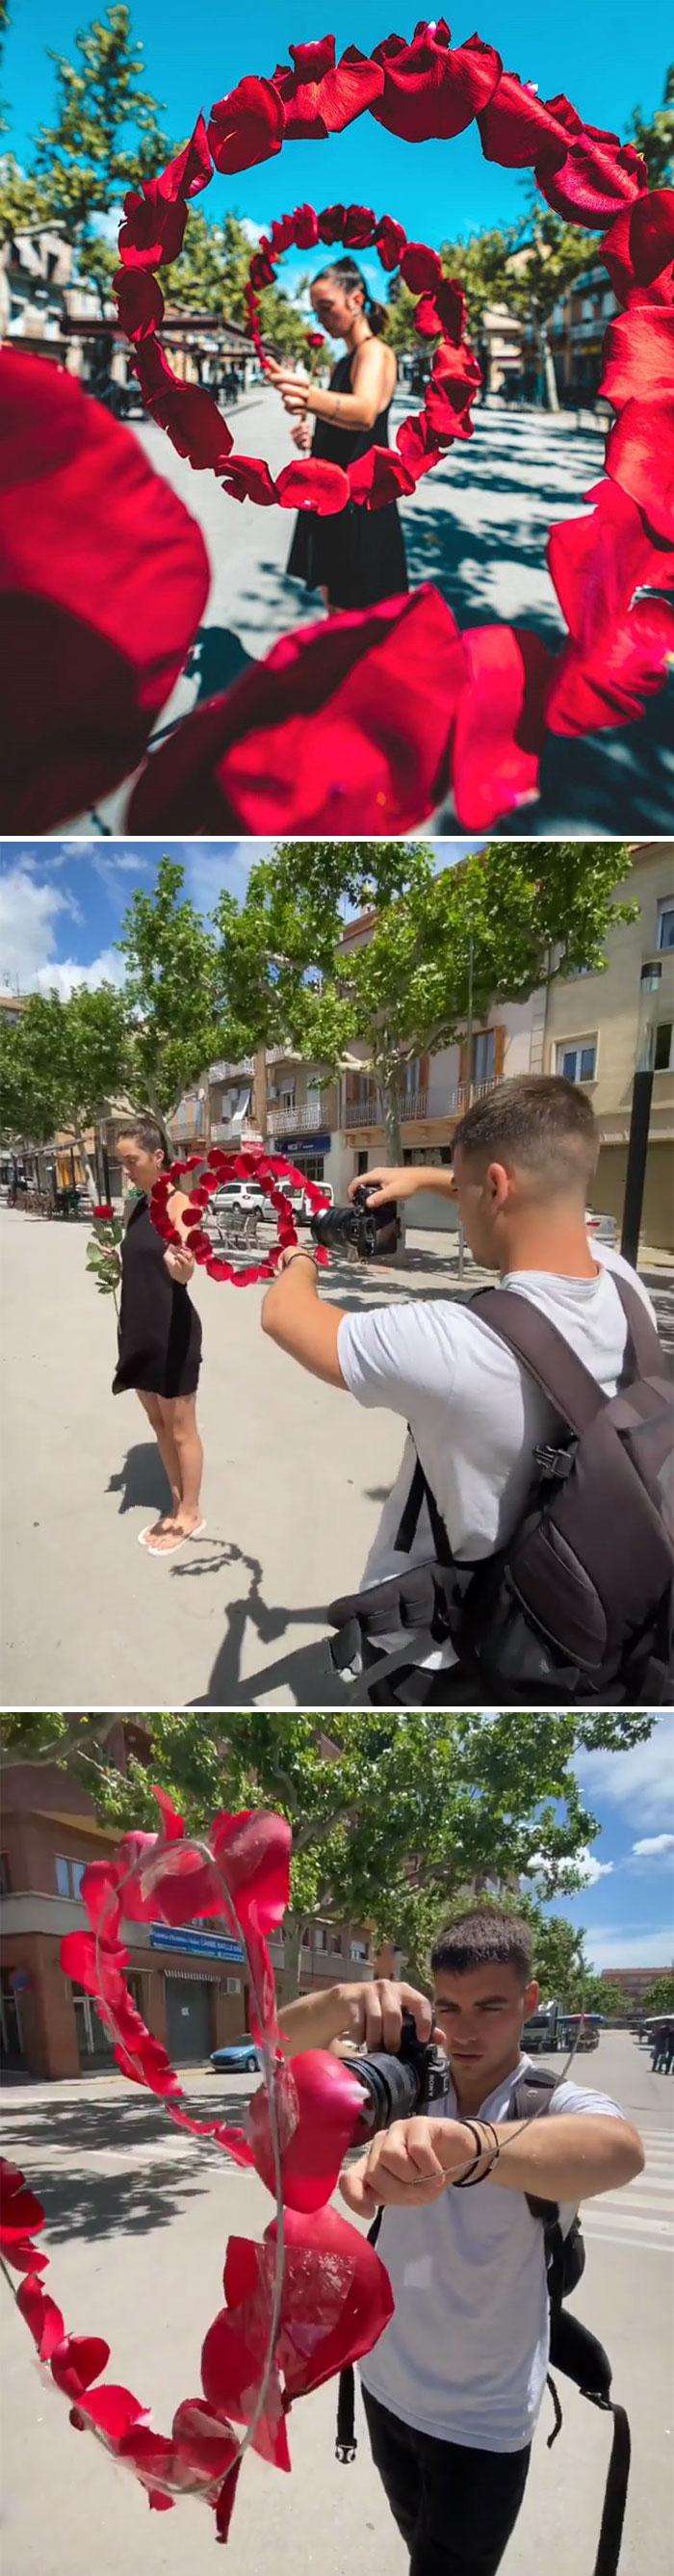 5f6db2f5654d7 photography tricks jordi koalitic 1 5f6afe79b3028  700 - Fotógrafo revela os bastidores de suas fotos épicas